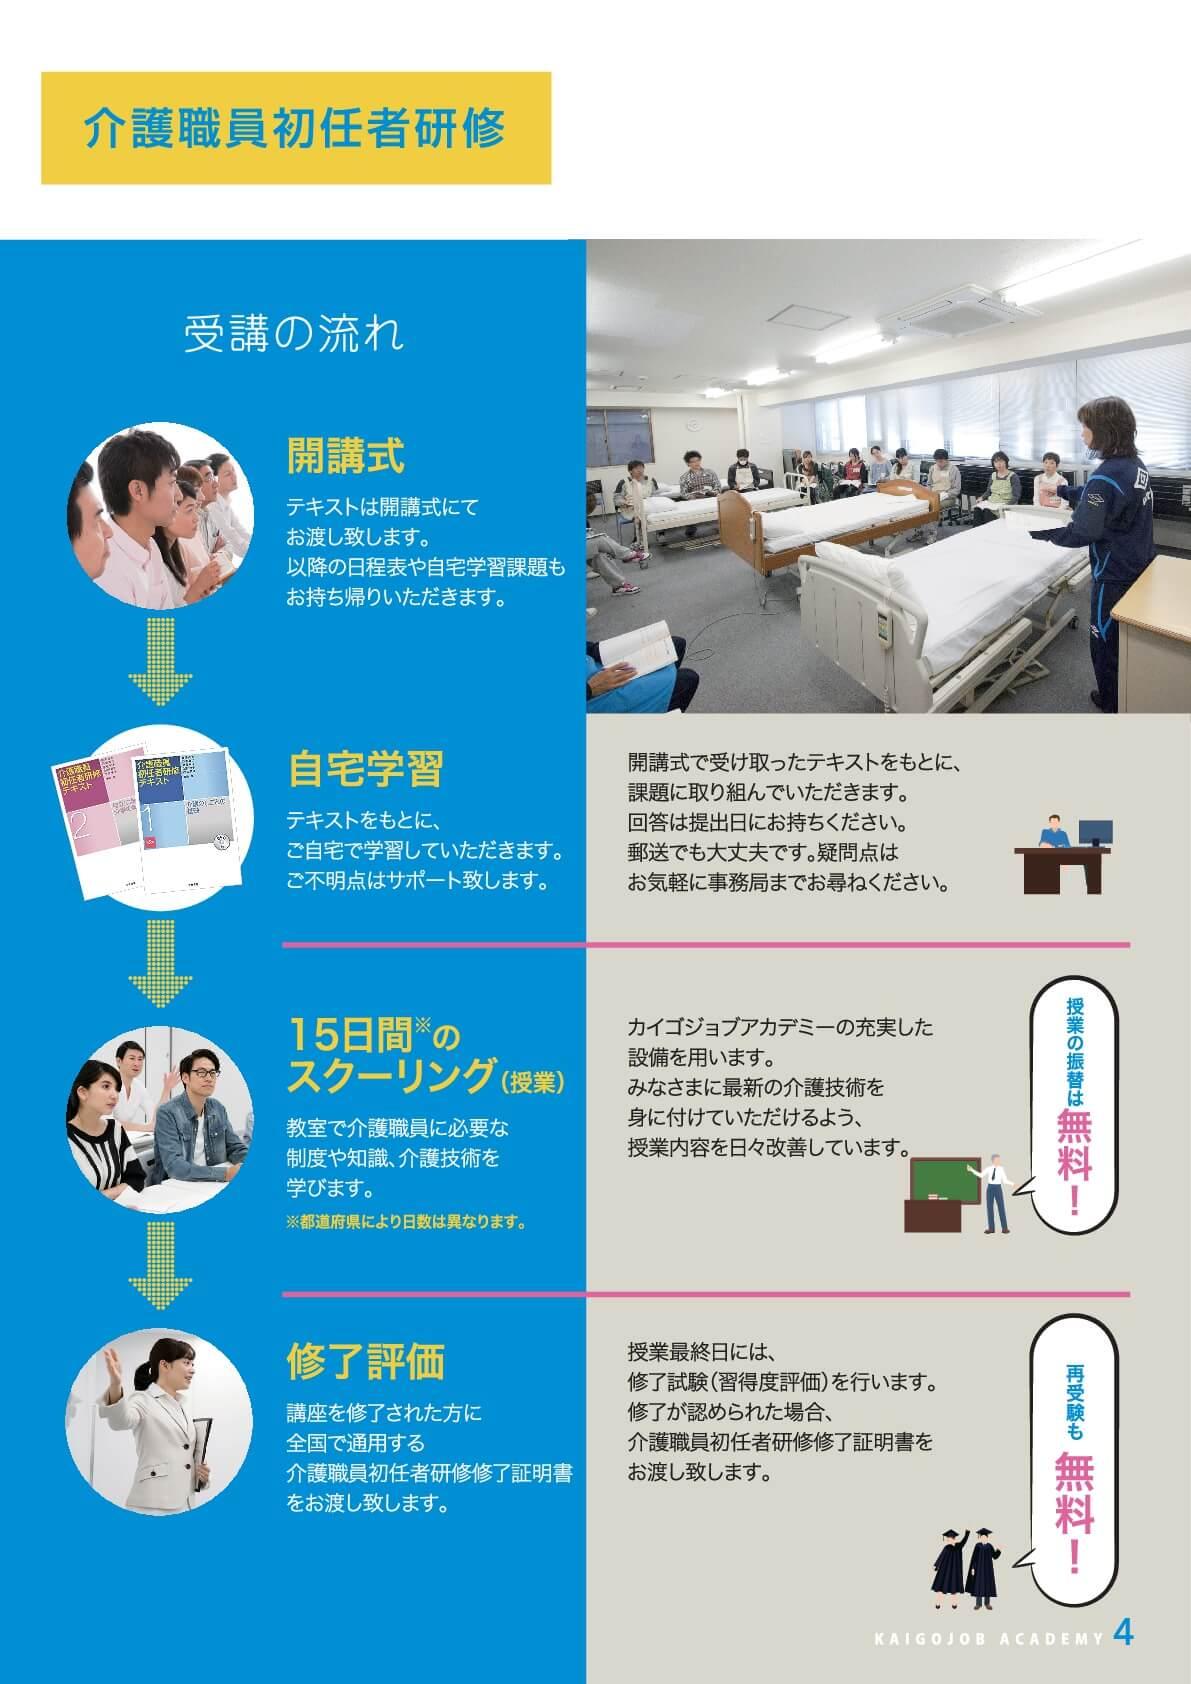 カイゴジョブアカデミー介護職員初任者研修パンフレット_p05